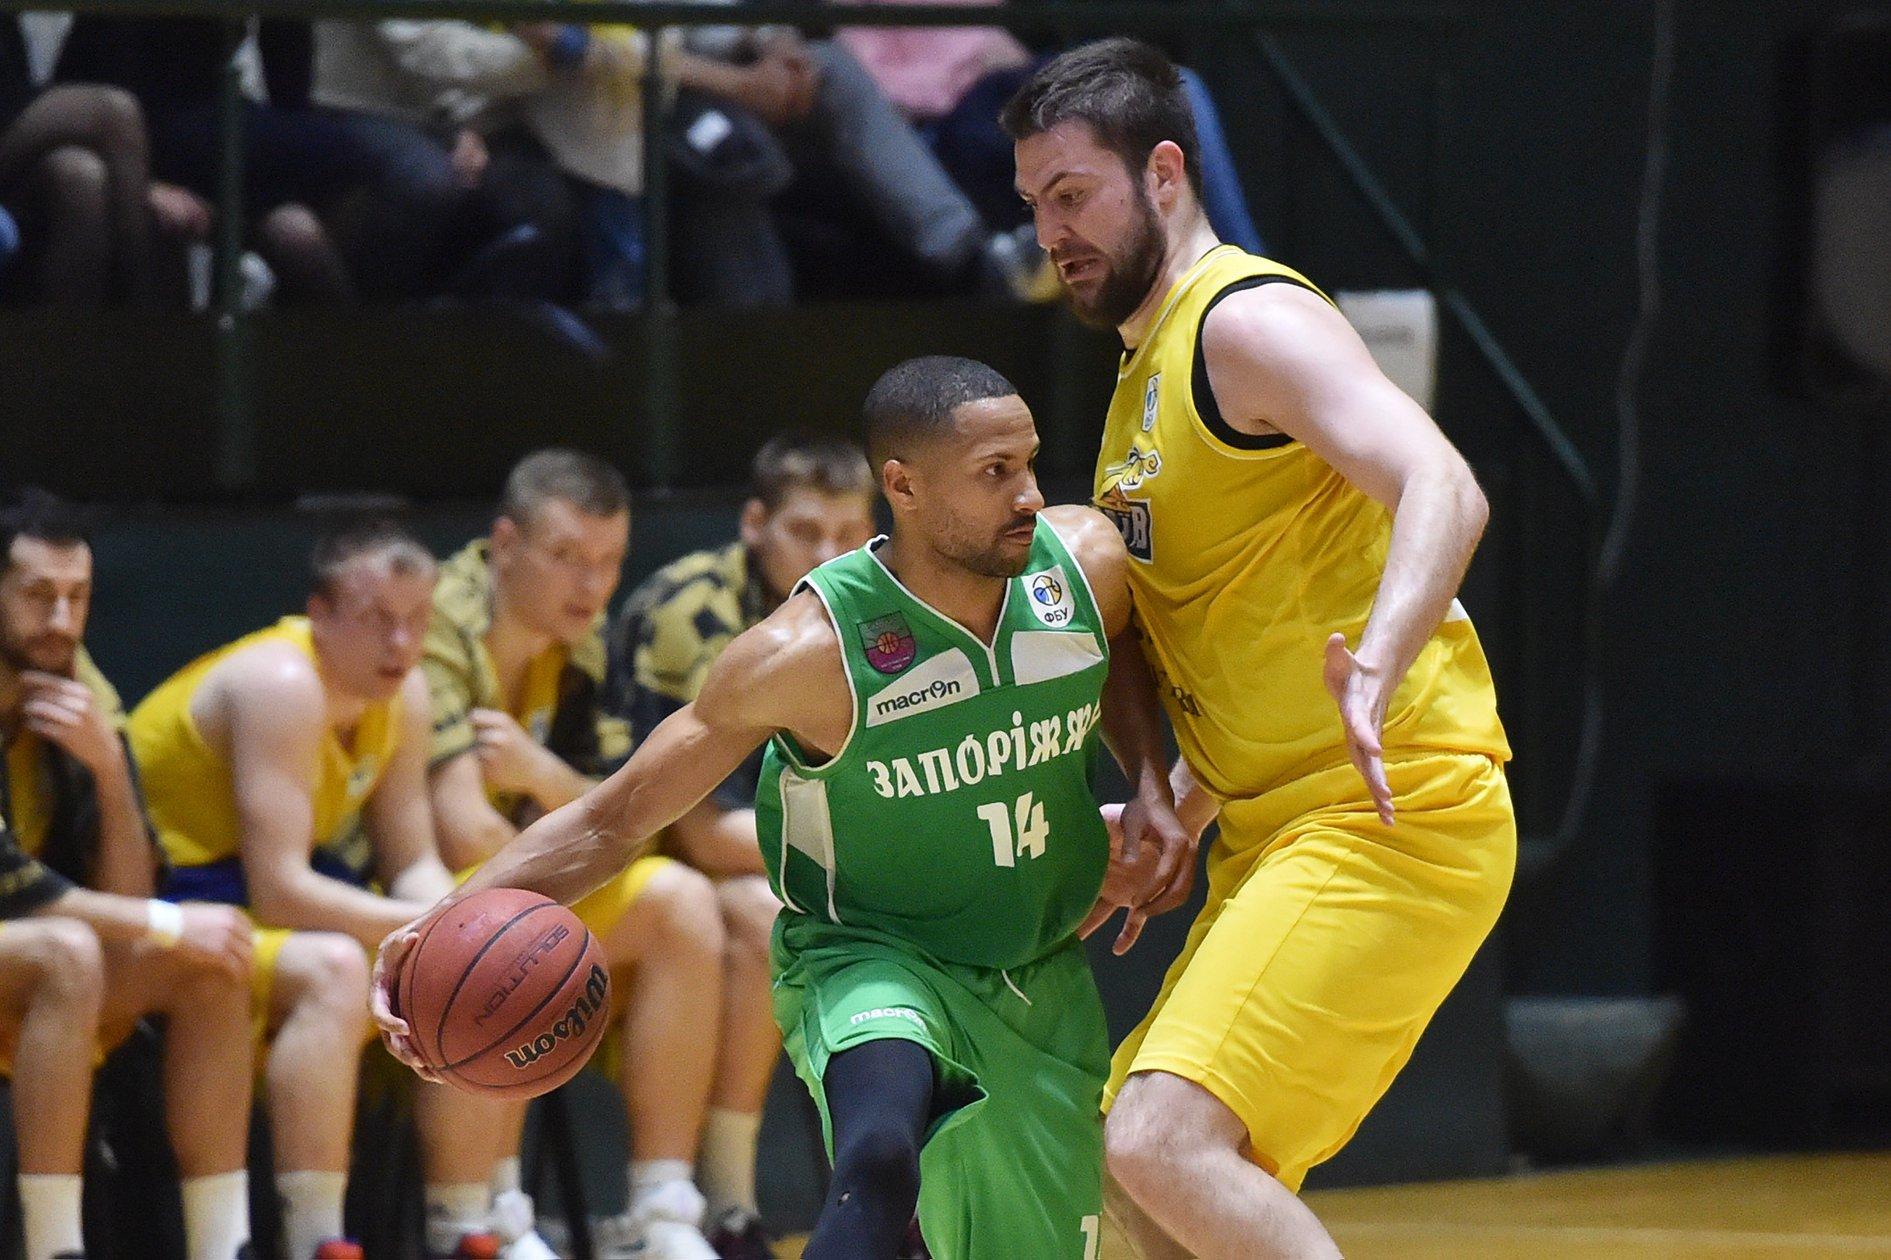 Київ-Баскет проти Запоріжжя: анонс четвертого матчу серії